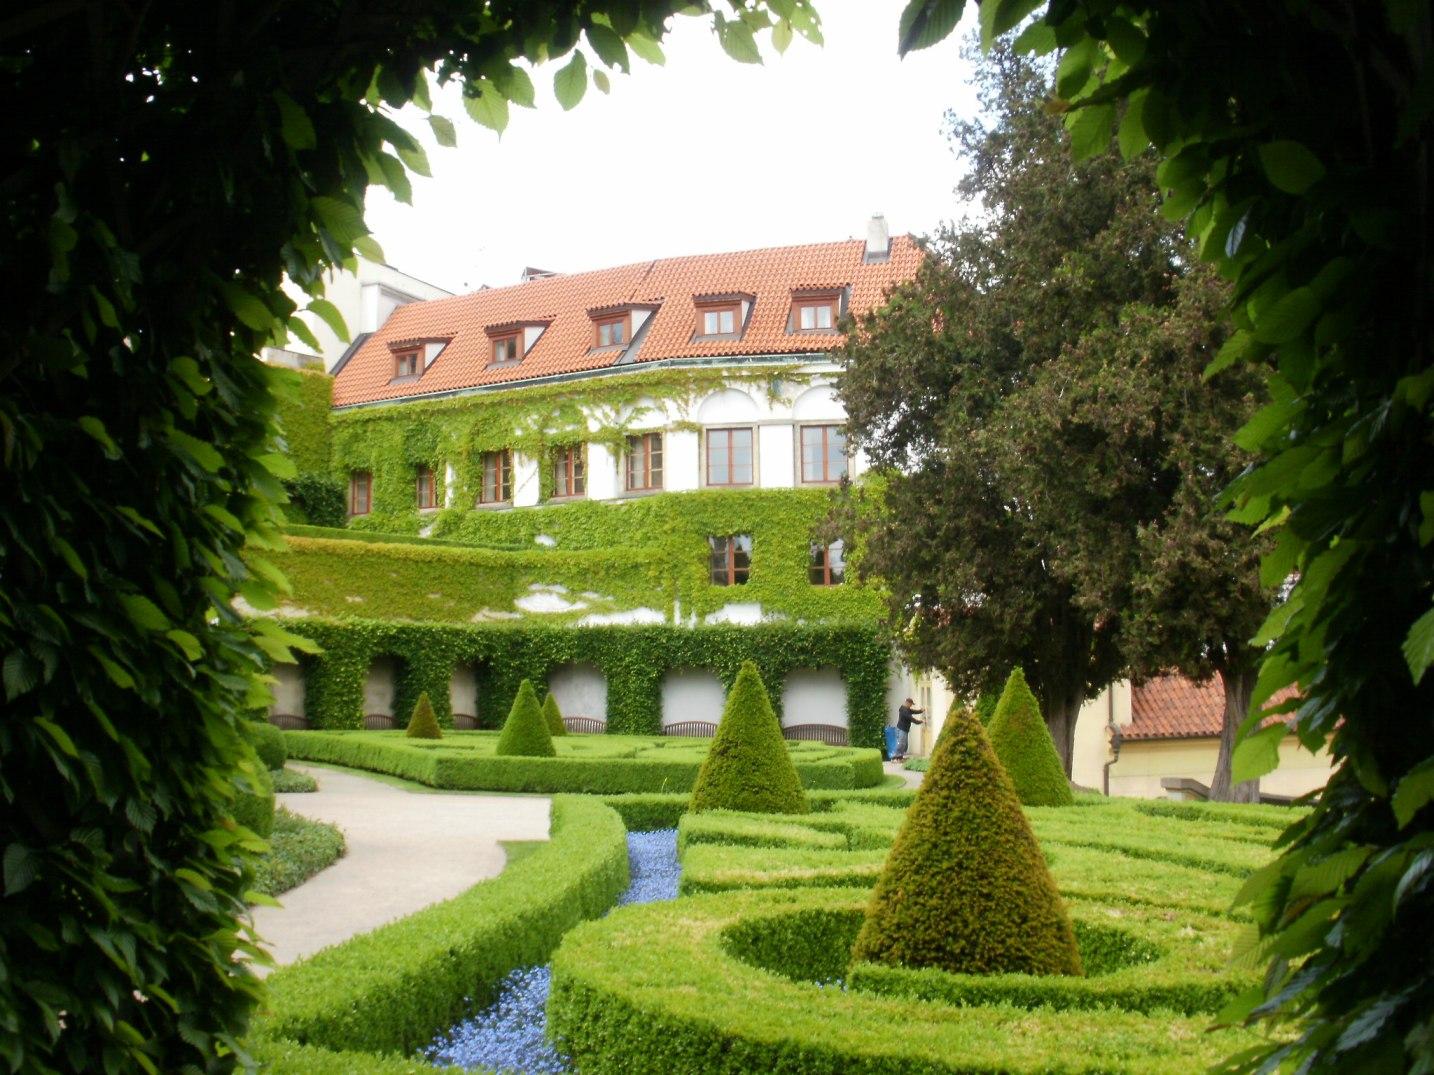 Vrtbovská zahrada - průhled